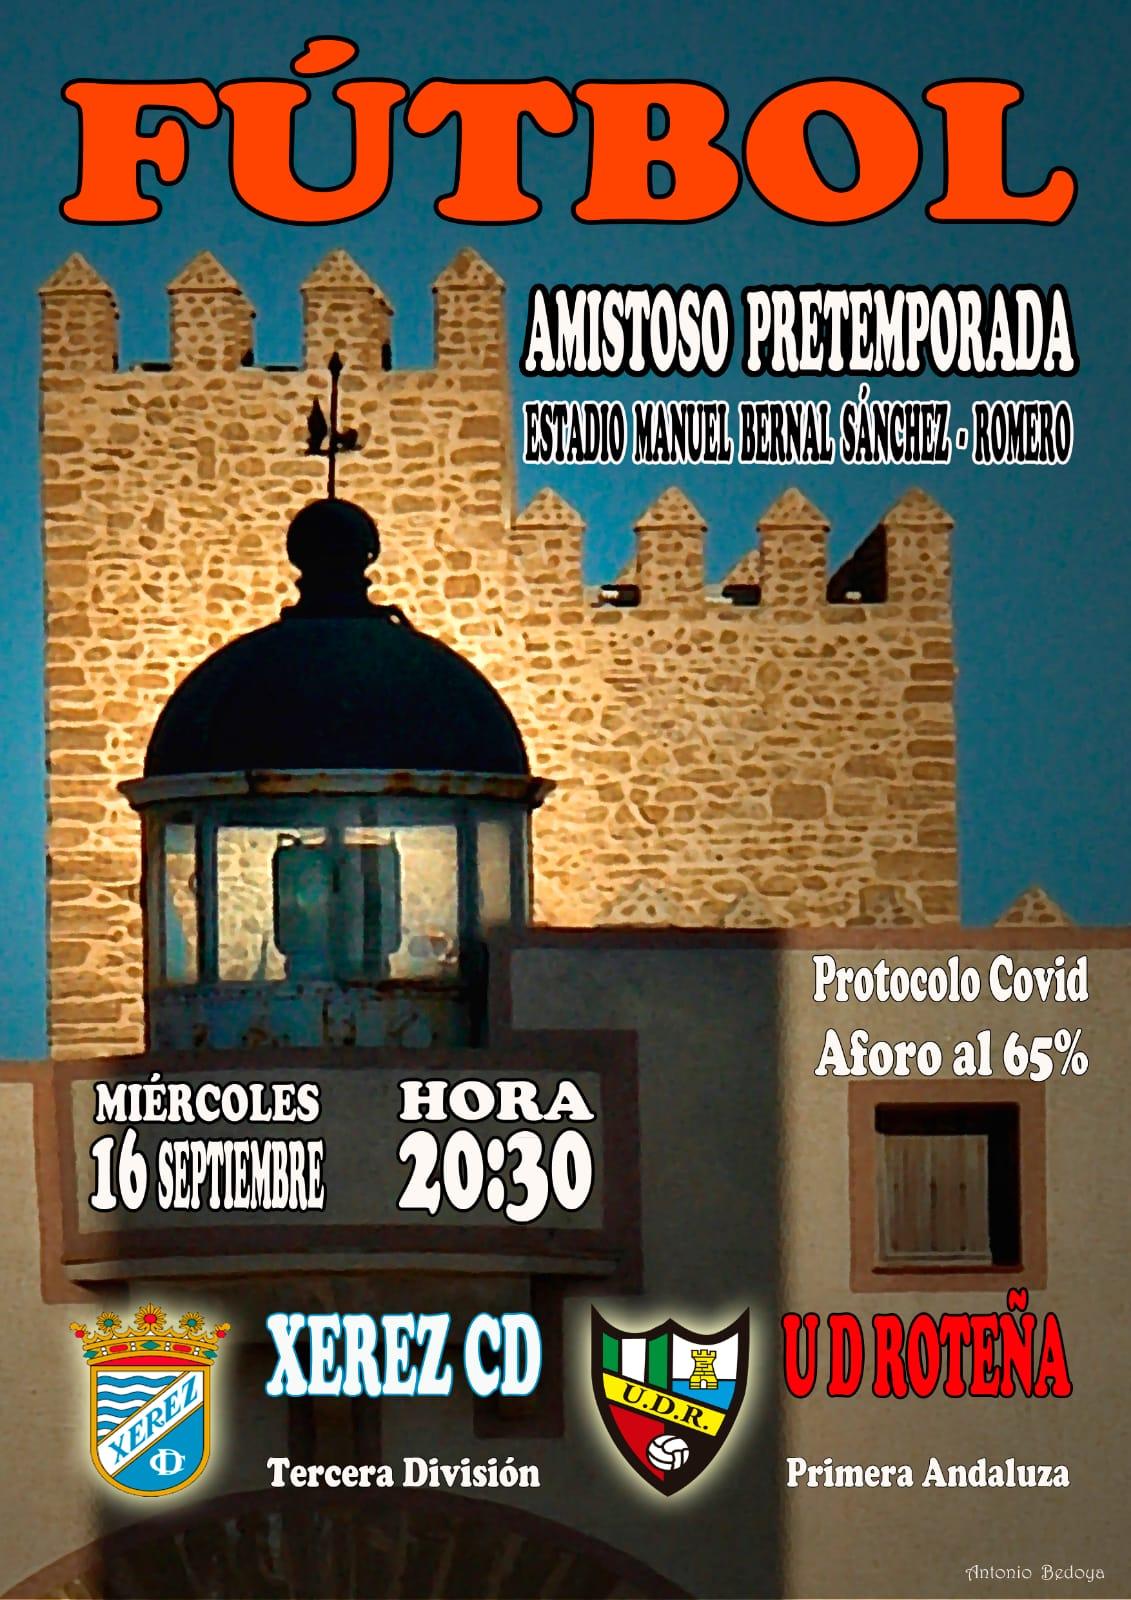 UD Roteña - Xerez CD, primer amistoso de pretemporada